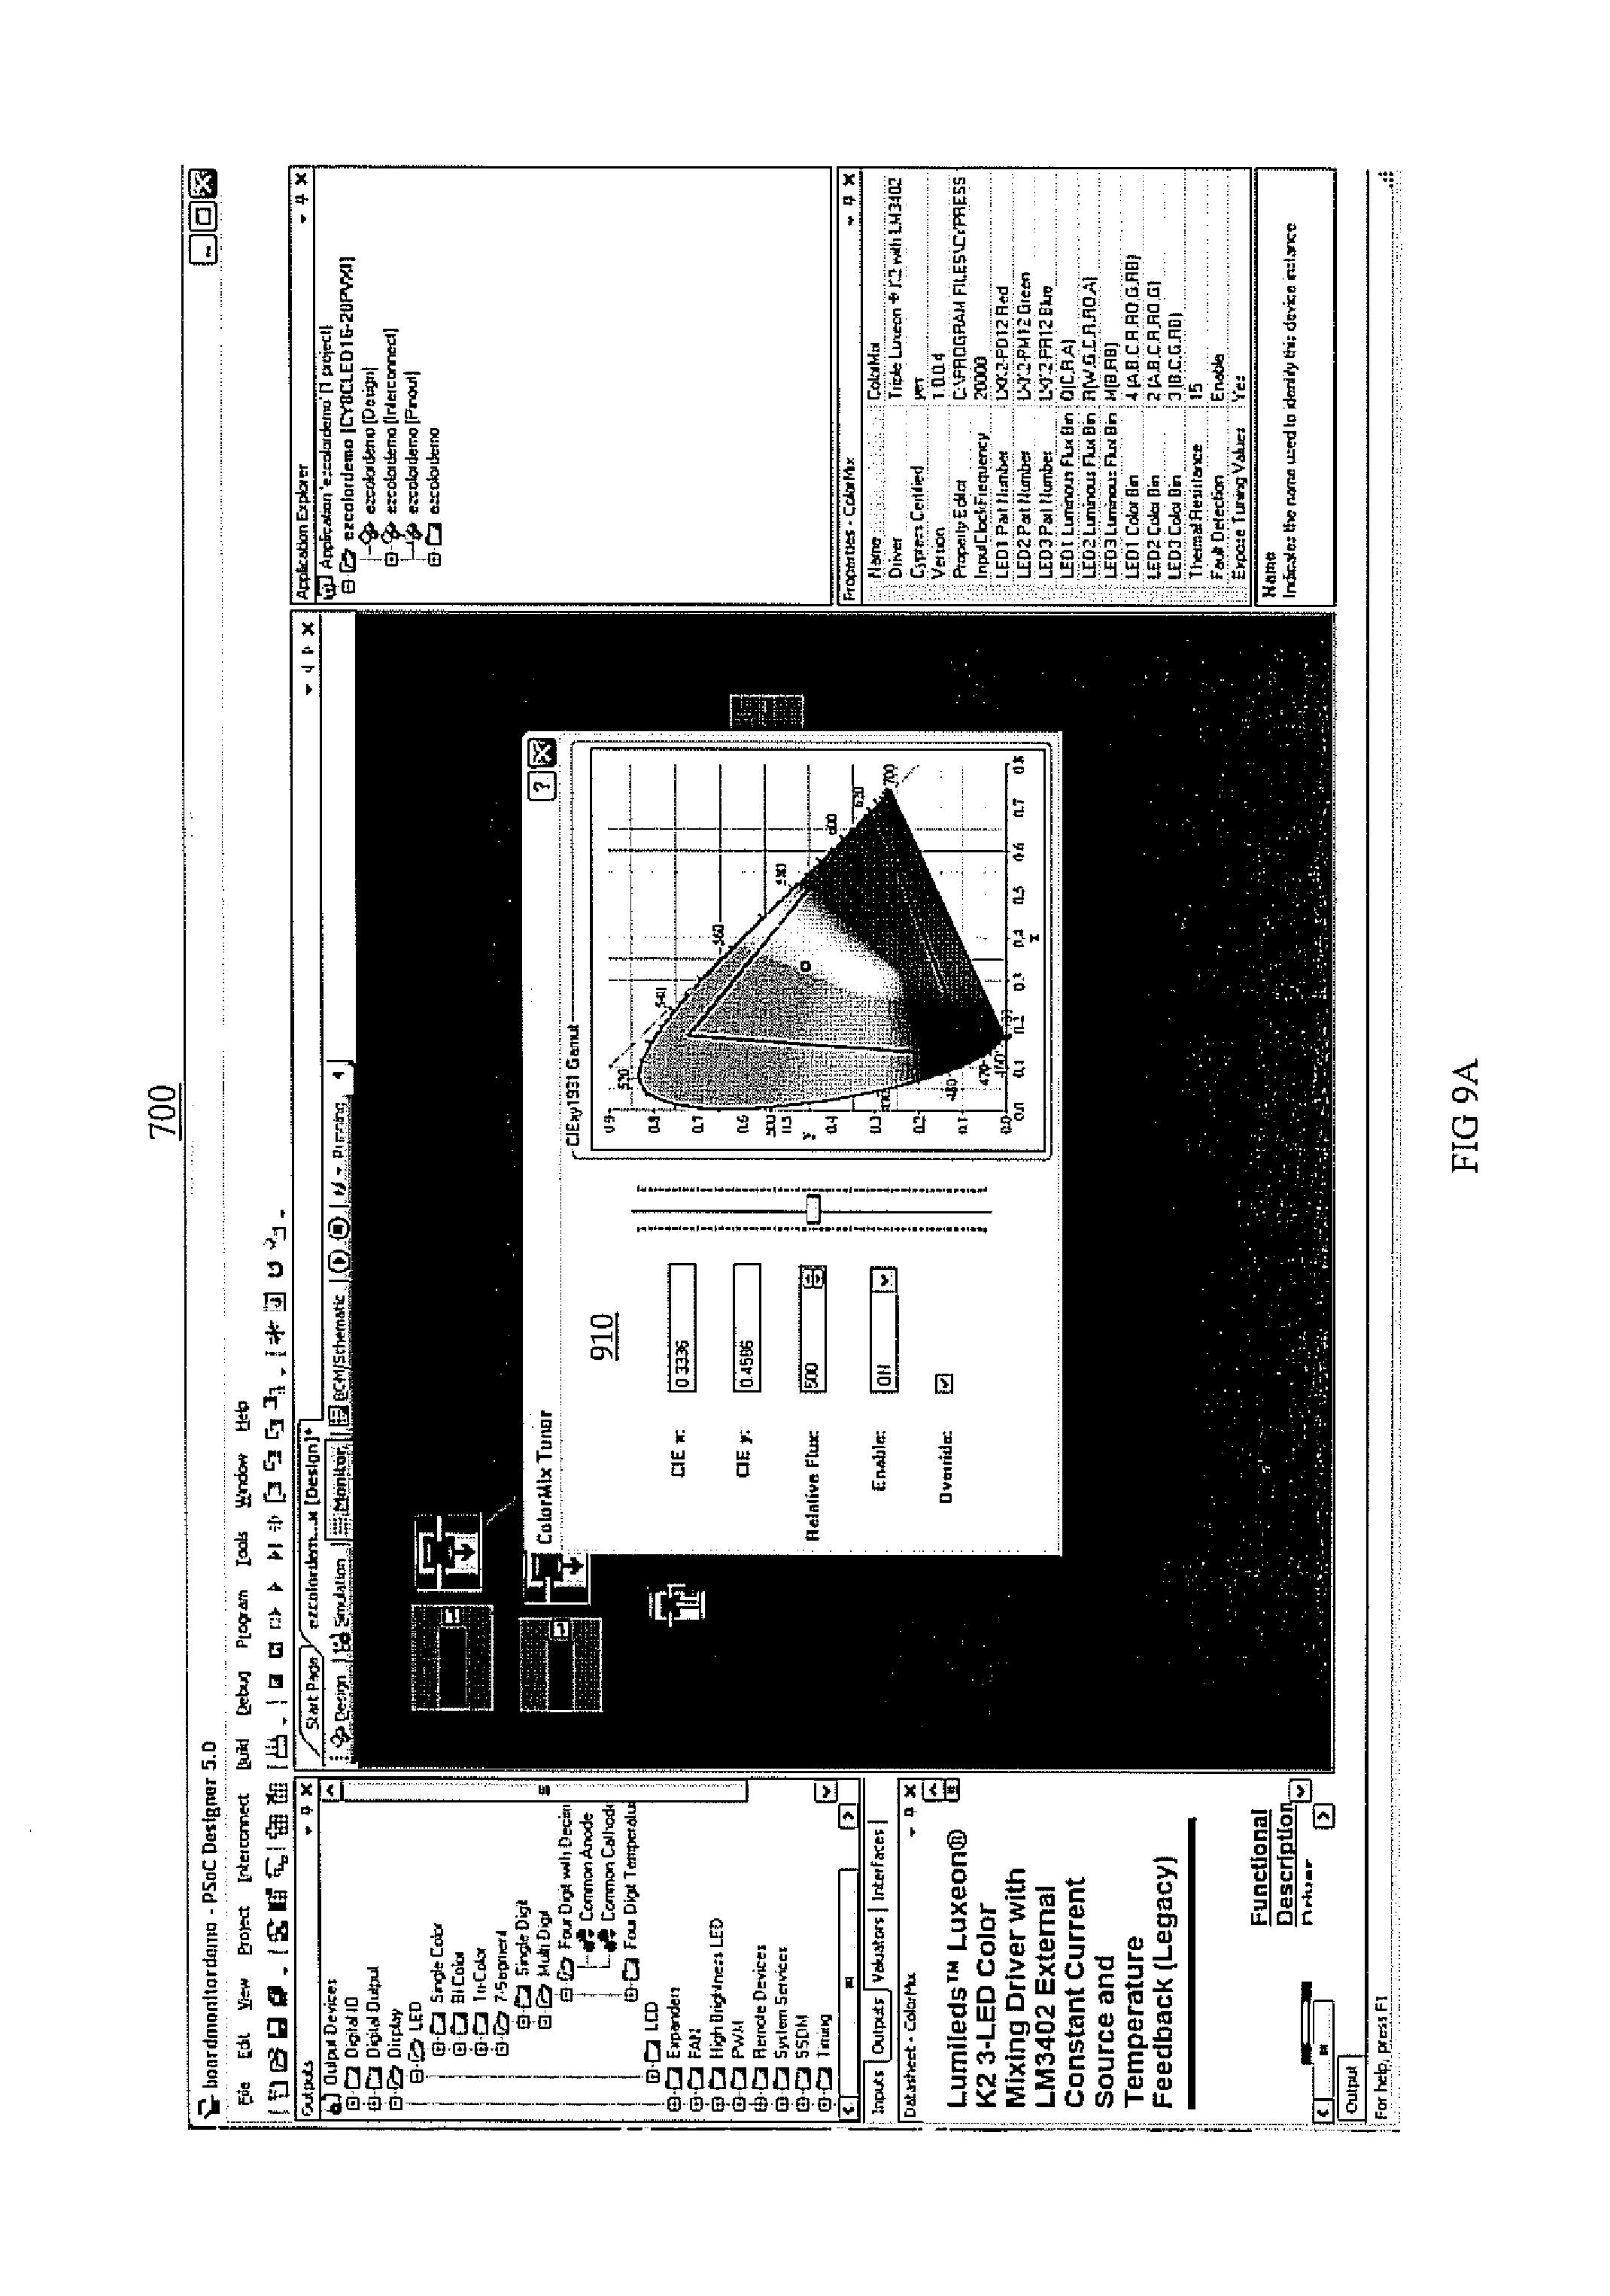 Patent Us 9720805 B1 Composite Pipe Rc Bridge Oscillator Oscillatorcircuit Signal 0 Petitions